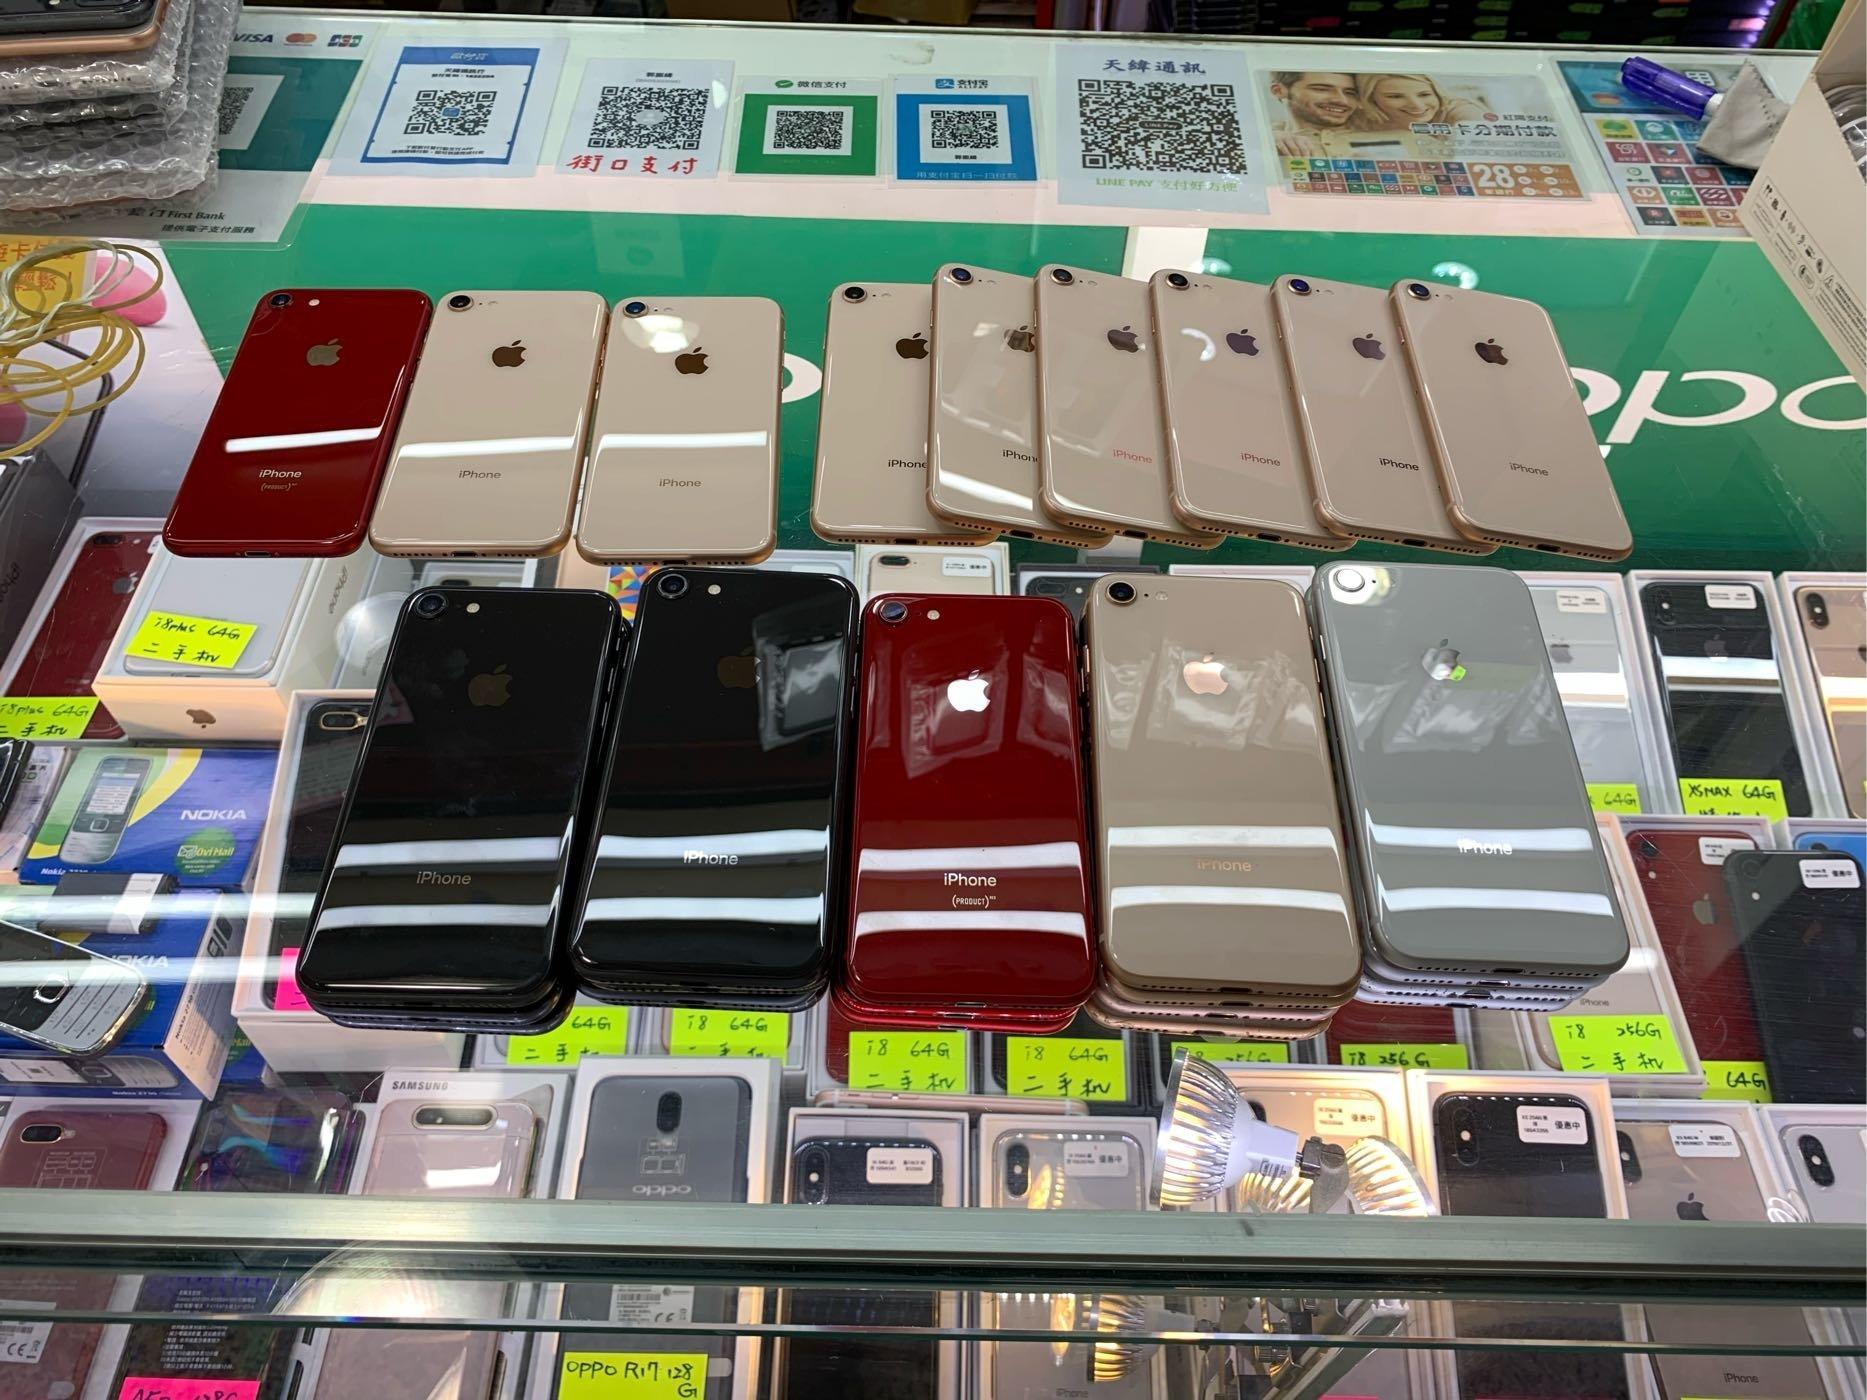 二手機 iPhone 7 Plus 32G 另有 128G i8 64G 256G 6s 16G 64G i6-16 ios8 ios 9 ios10可越獄版本